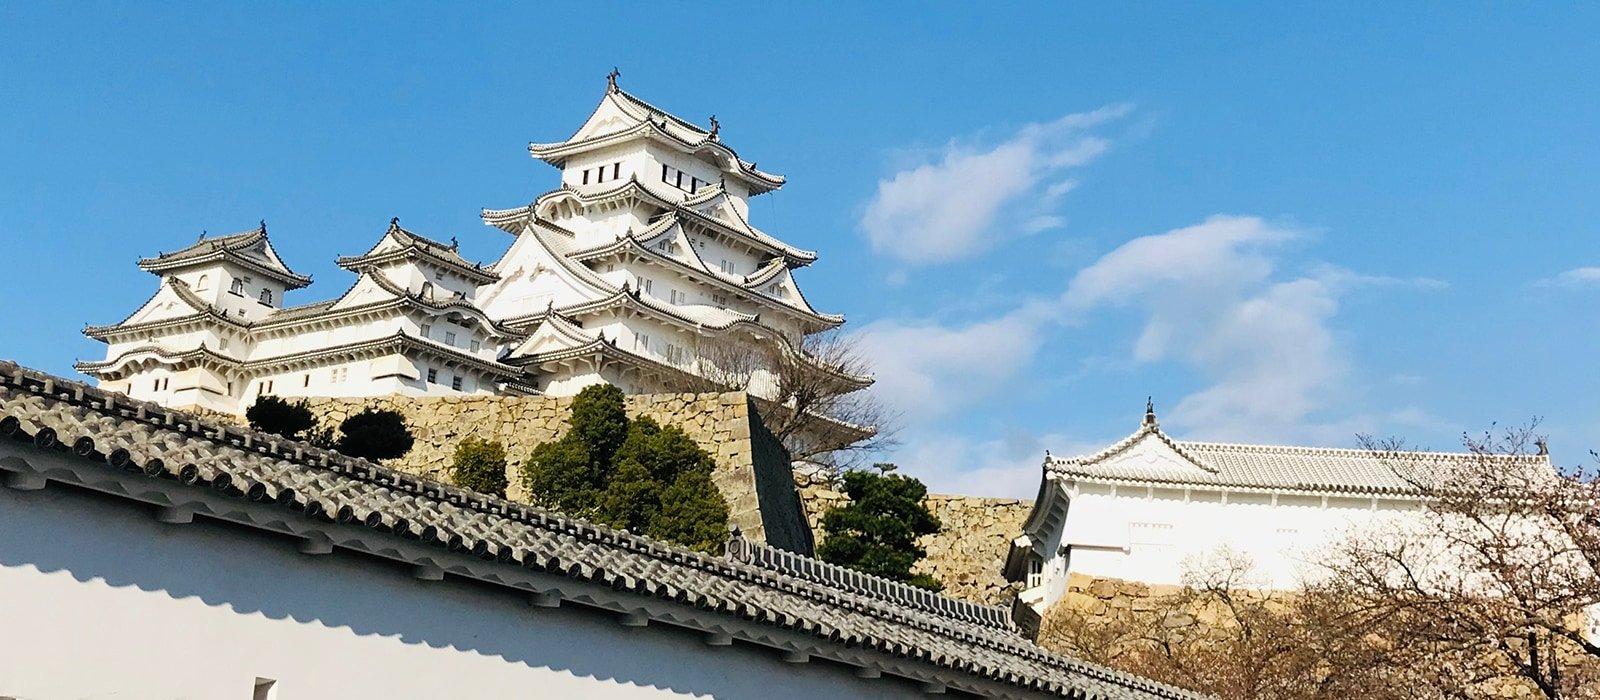 Voyage organisé en petit groupe - château Himeji - Japon - Agence de voyage Les Routes du Monde